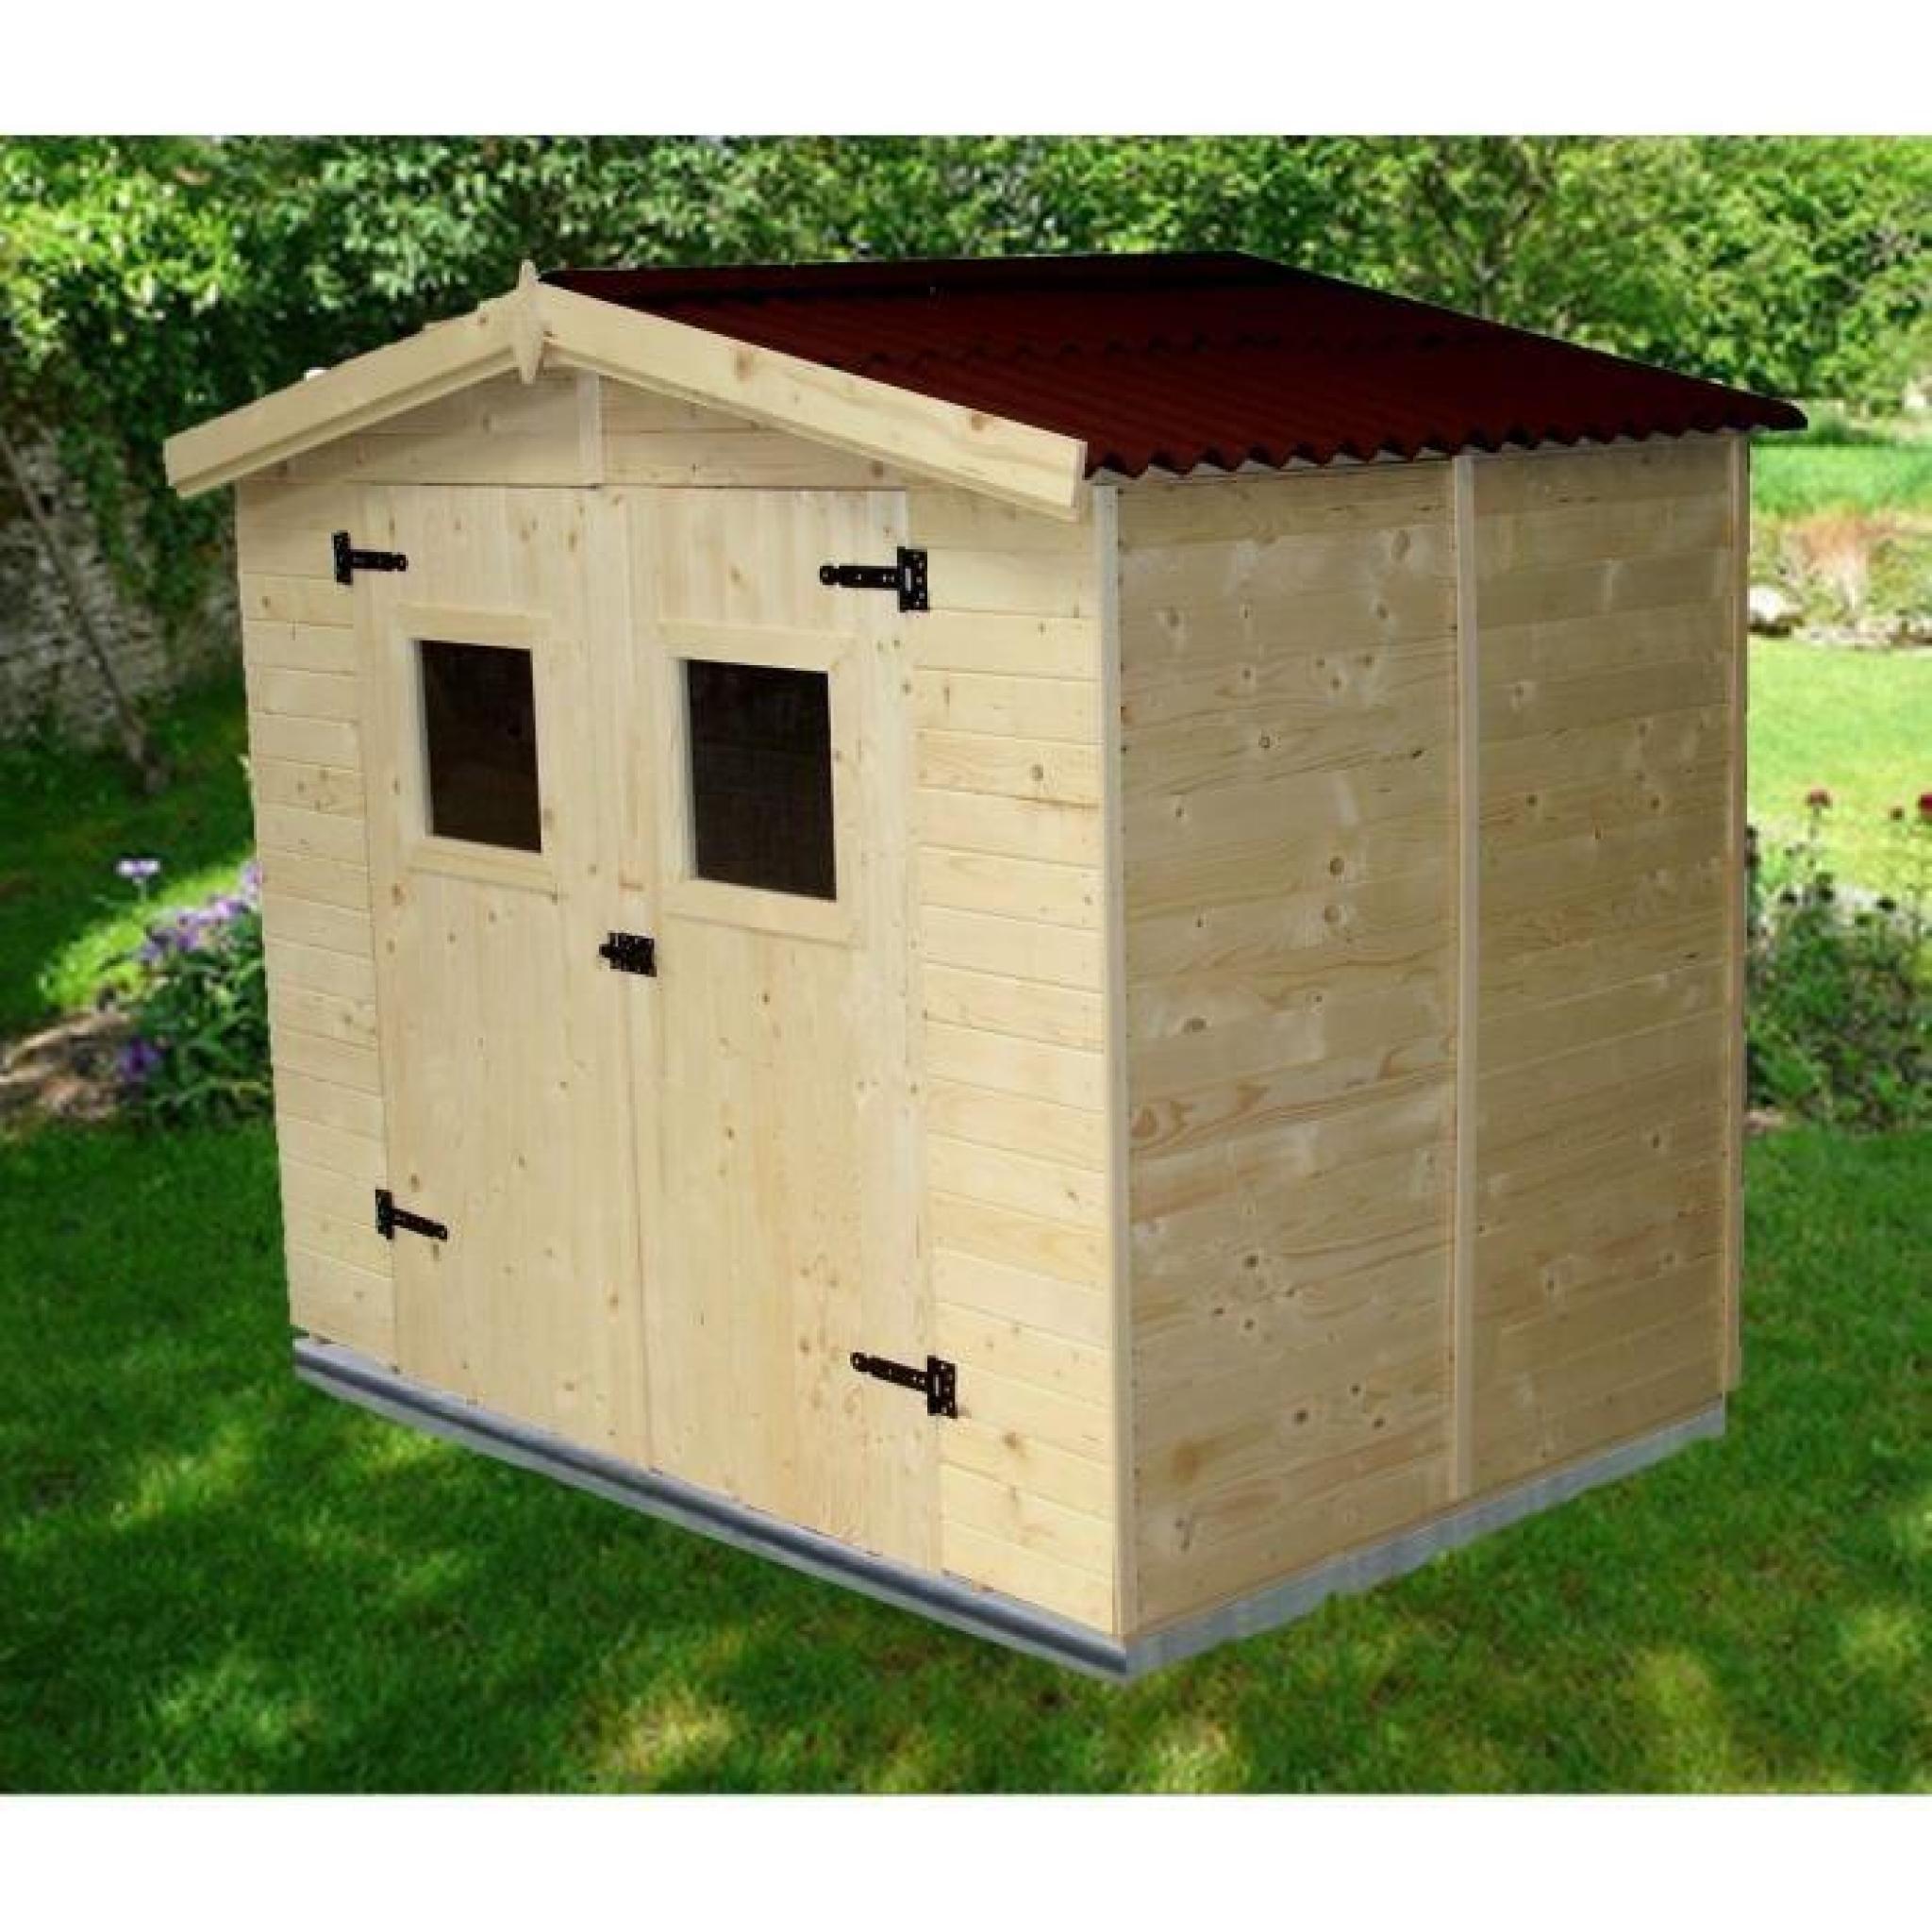 Abri de jardin 5,04m² en bois - Toiture en plaques ondulées - Achat/Vente abri de jardin en bois ...